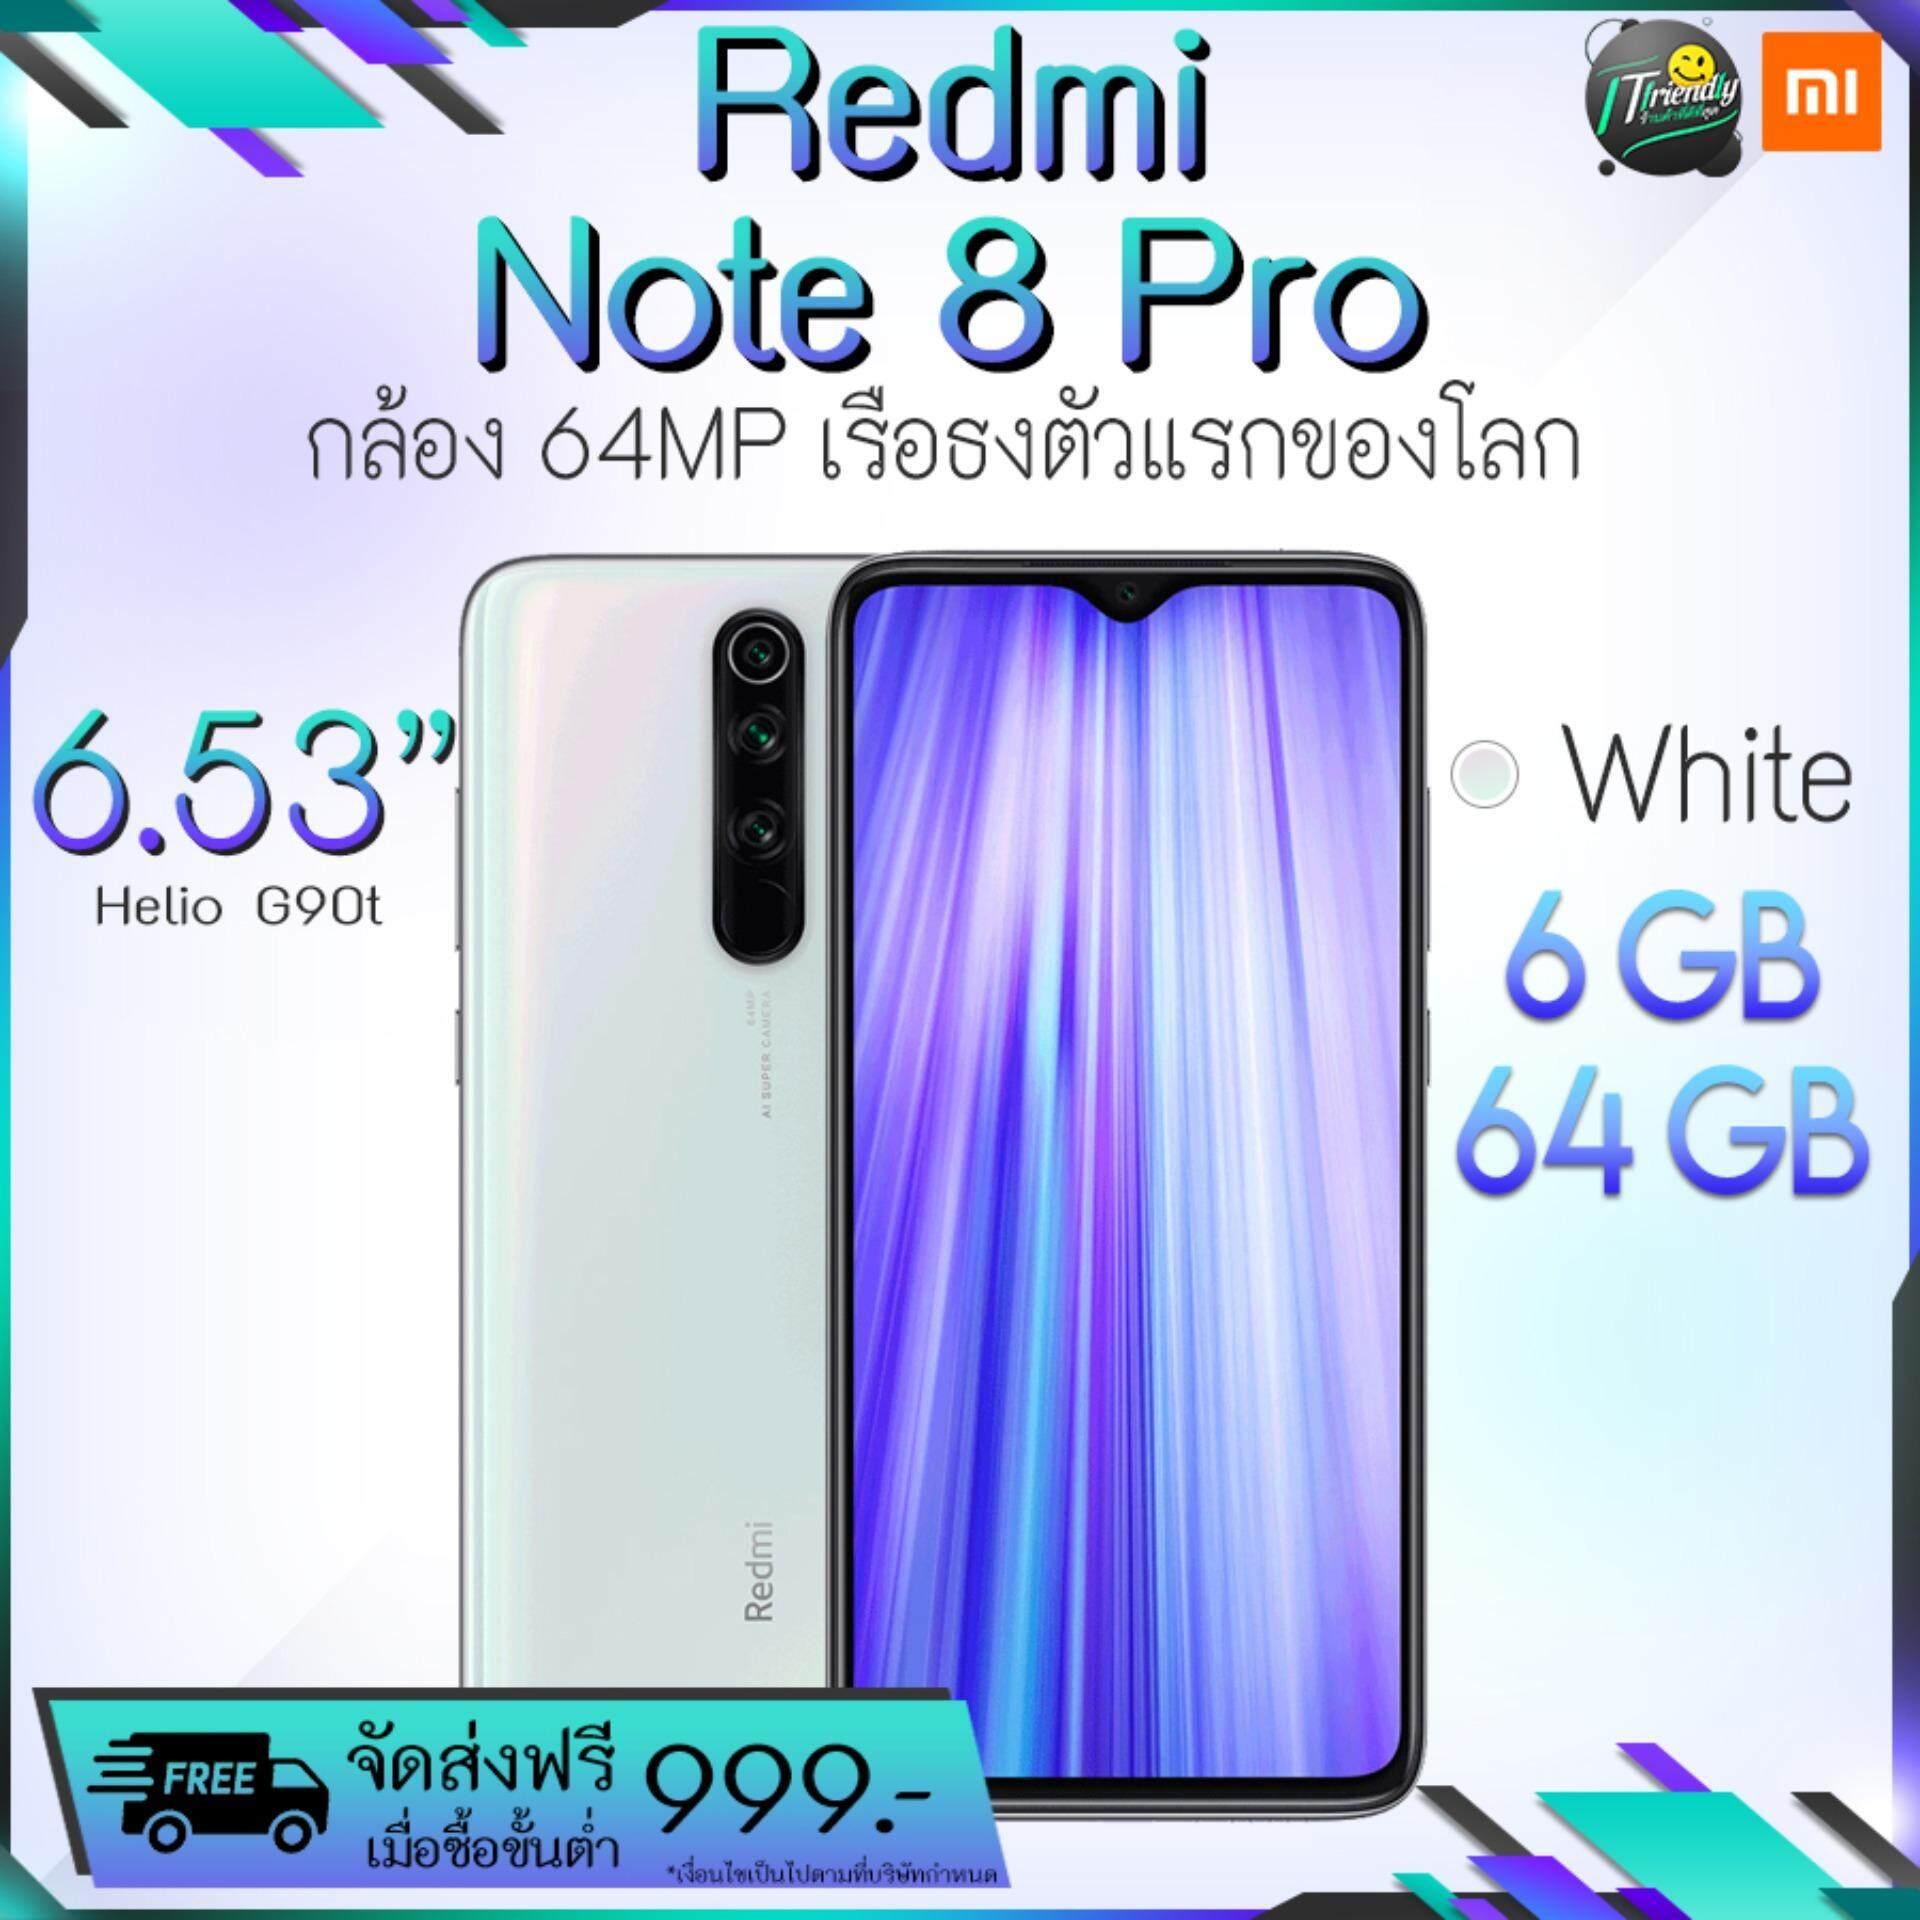 สอนใช้งาน  ตรัง Xiaomi Redmi Note 8 Pro [6/64GB]หน้าจอขนาด 6.53 นิ้ว แบตเตอรี่มาตรฐาน Li-Pol 4 500 mAh [รับประกัน 1 ปี]